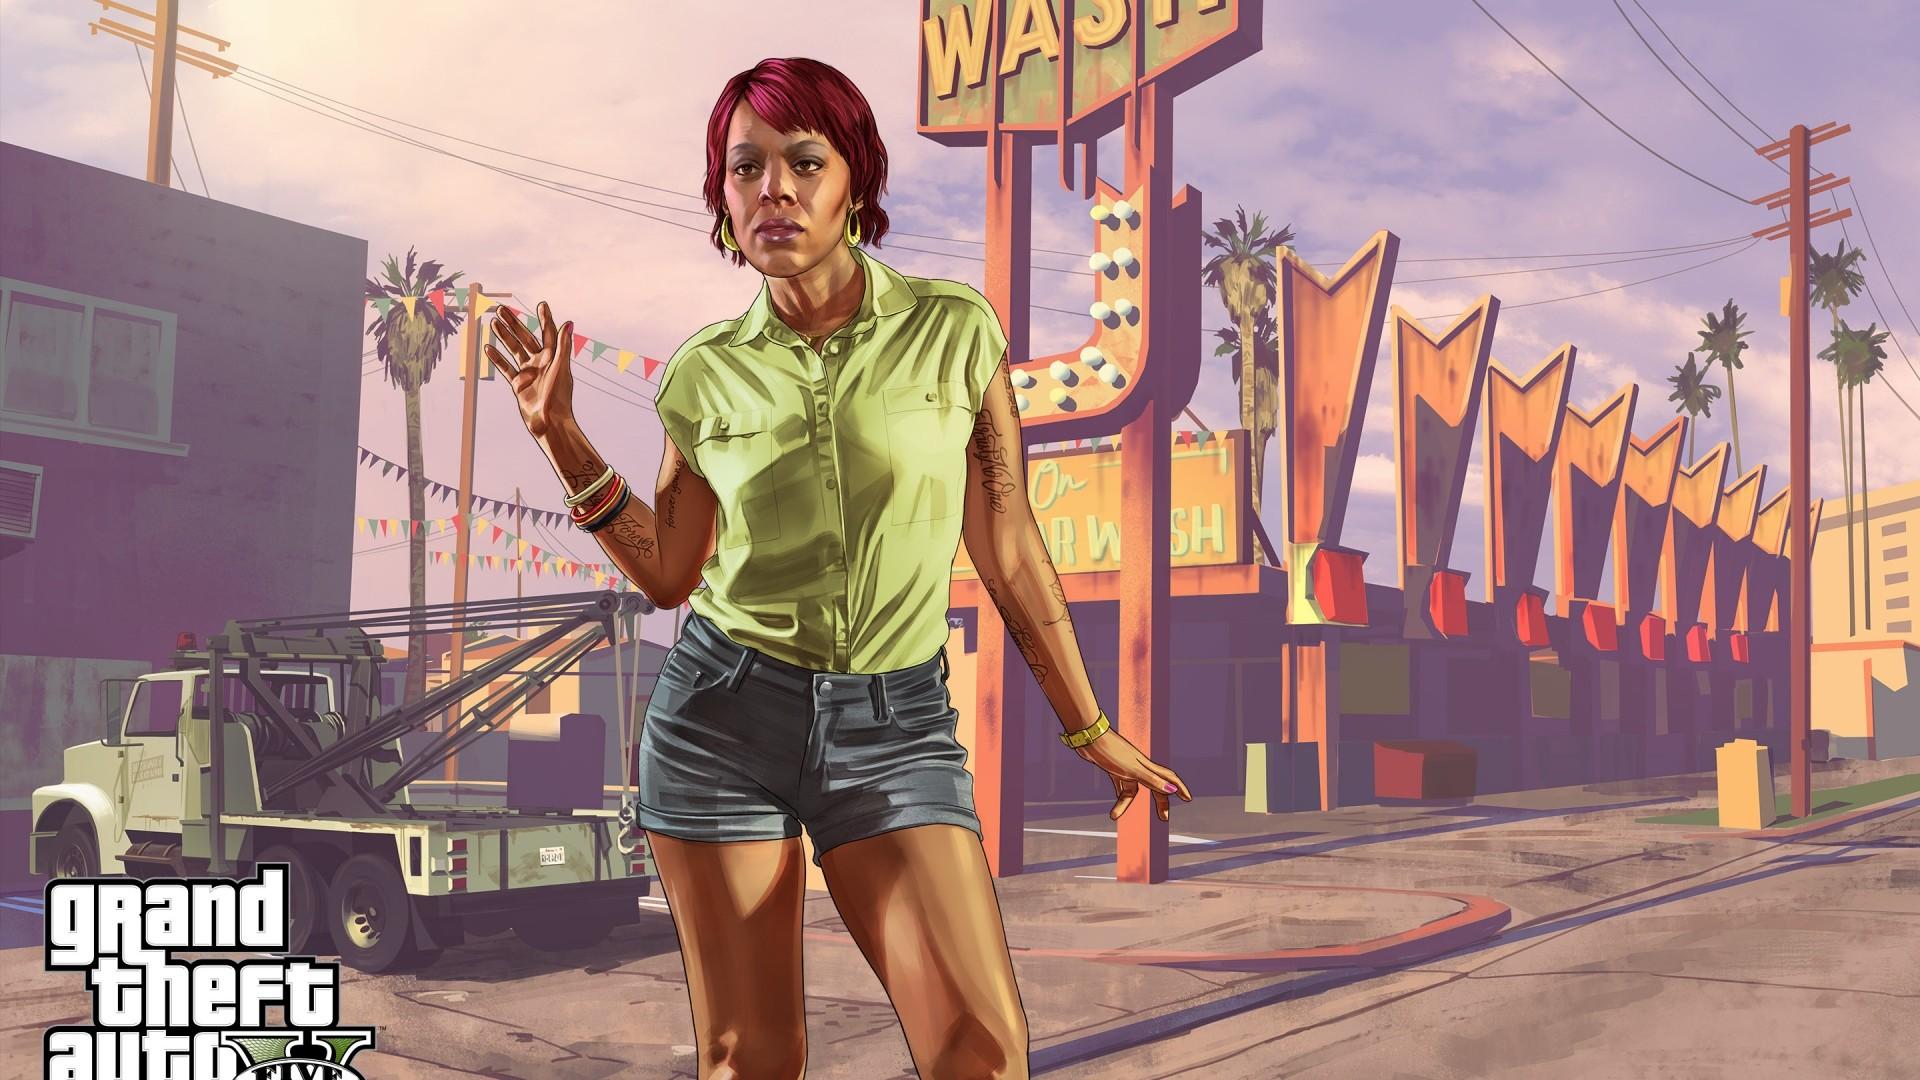 Wallpaper tonya wiggins, rockstar games, grand theft auto v